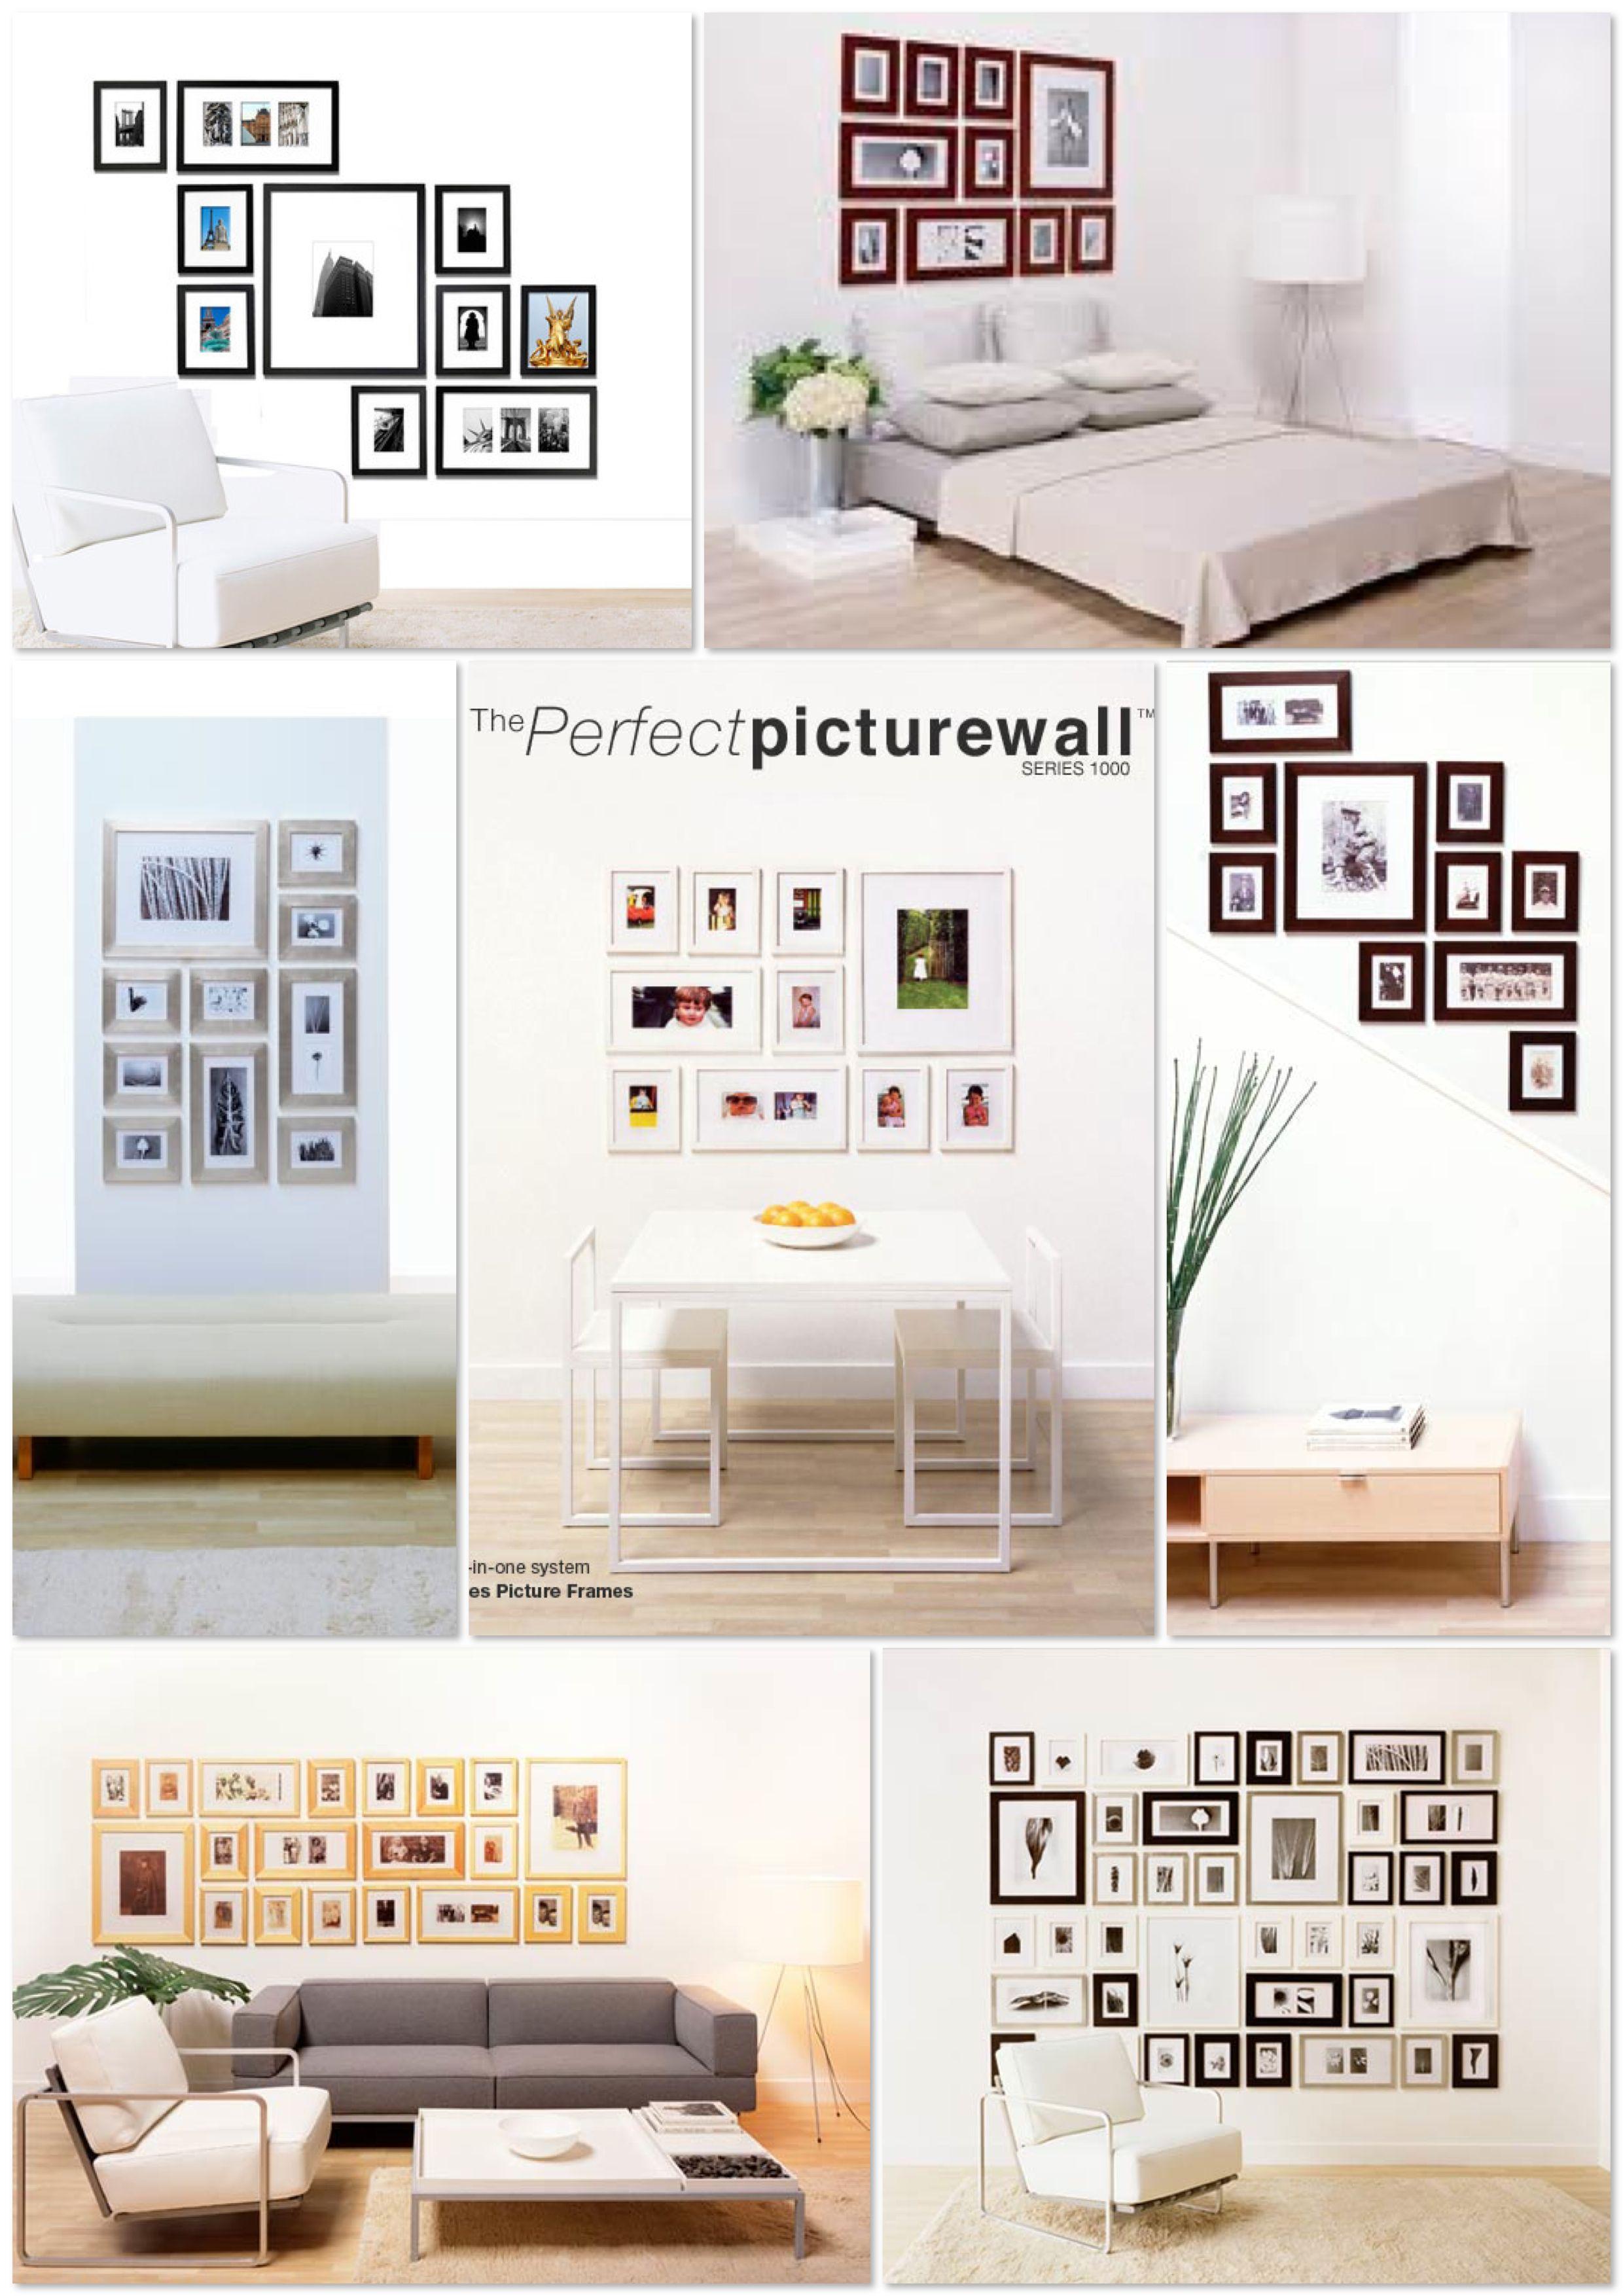 Muurdecoratie heeft een grote visuele impact op het for Zelf muurdecoratie maken